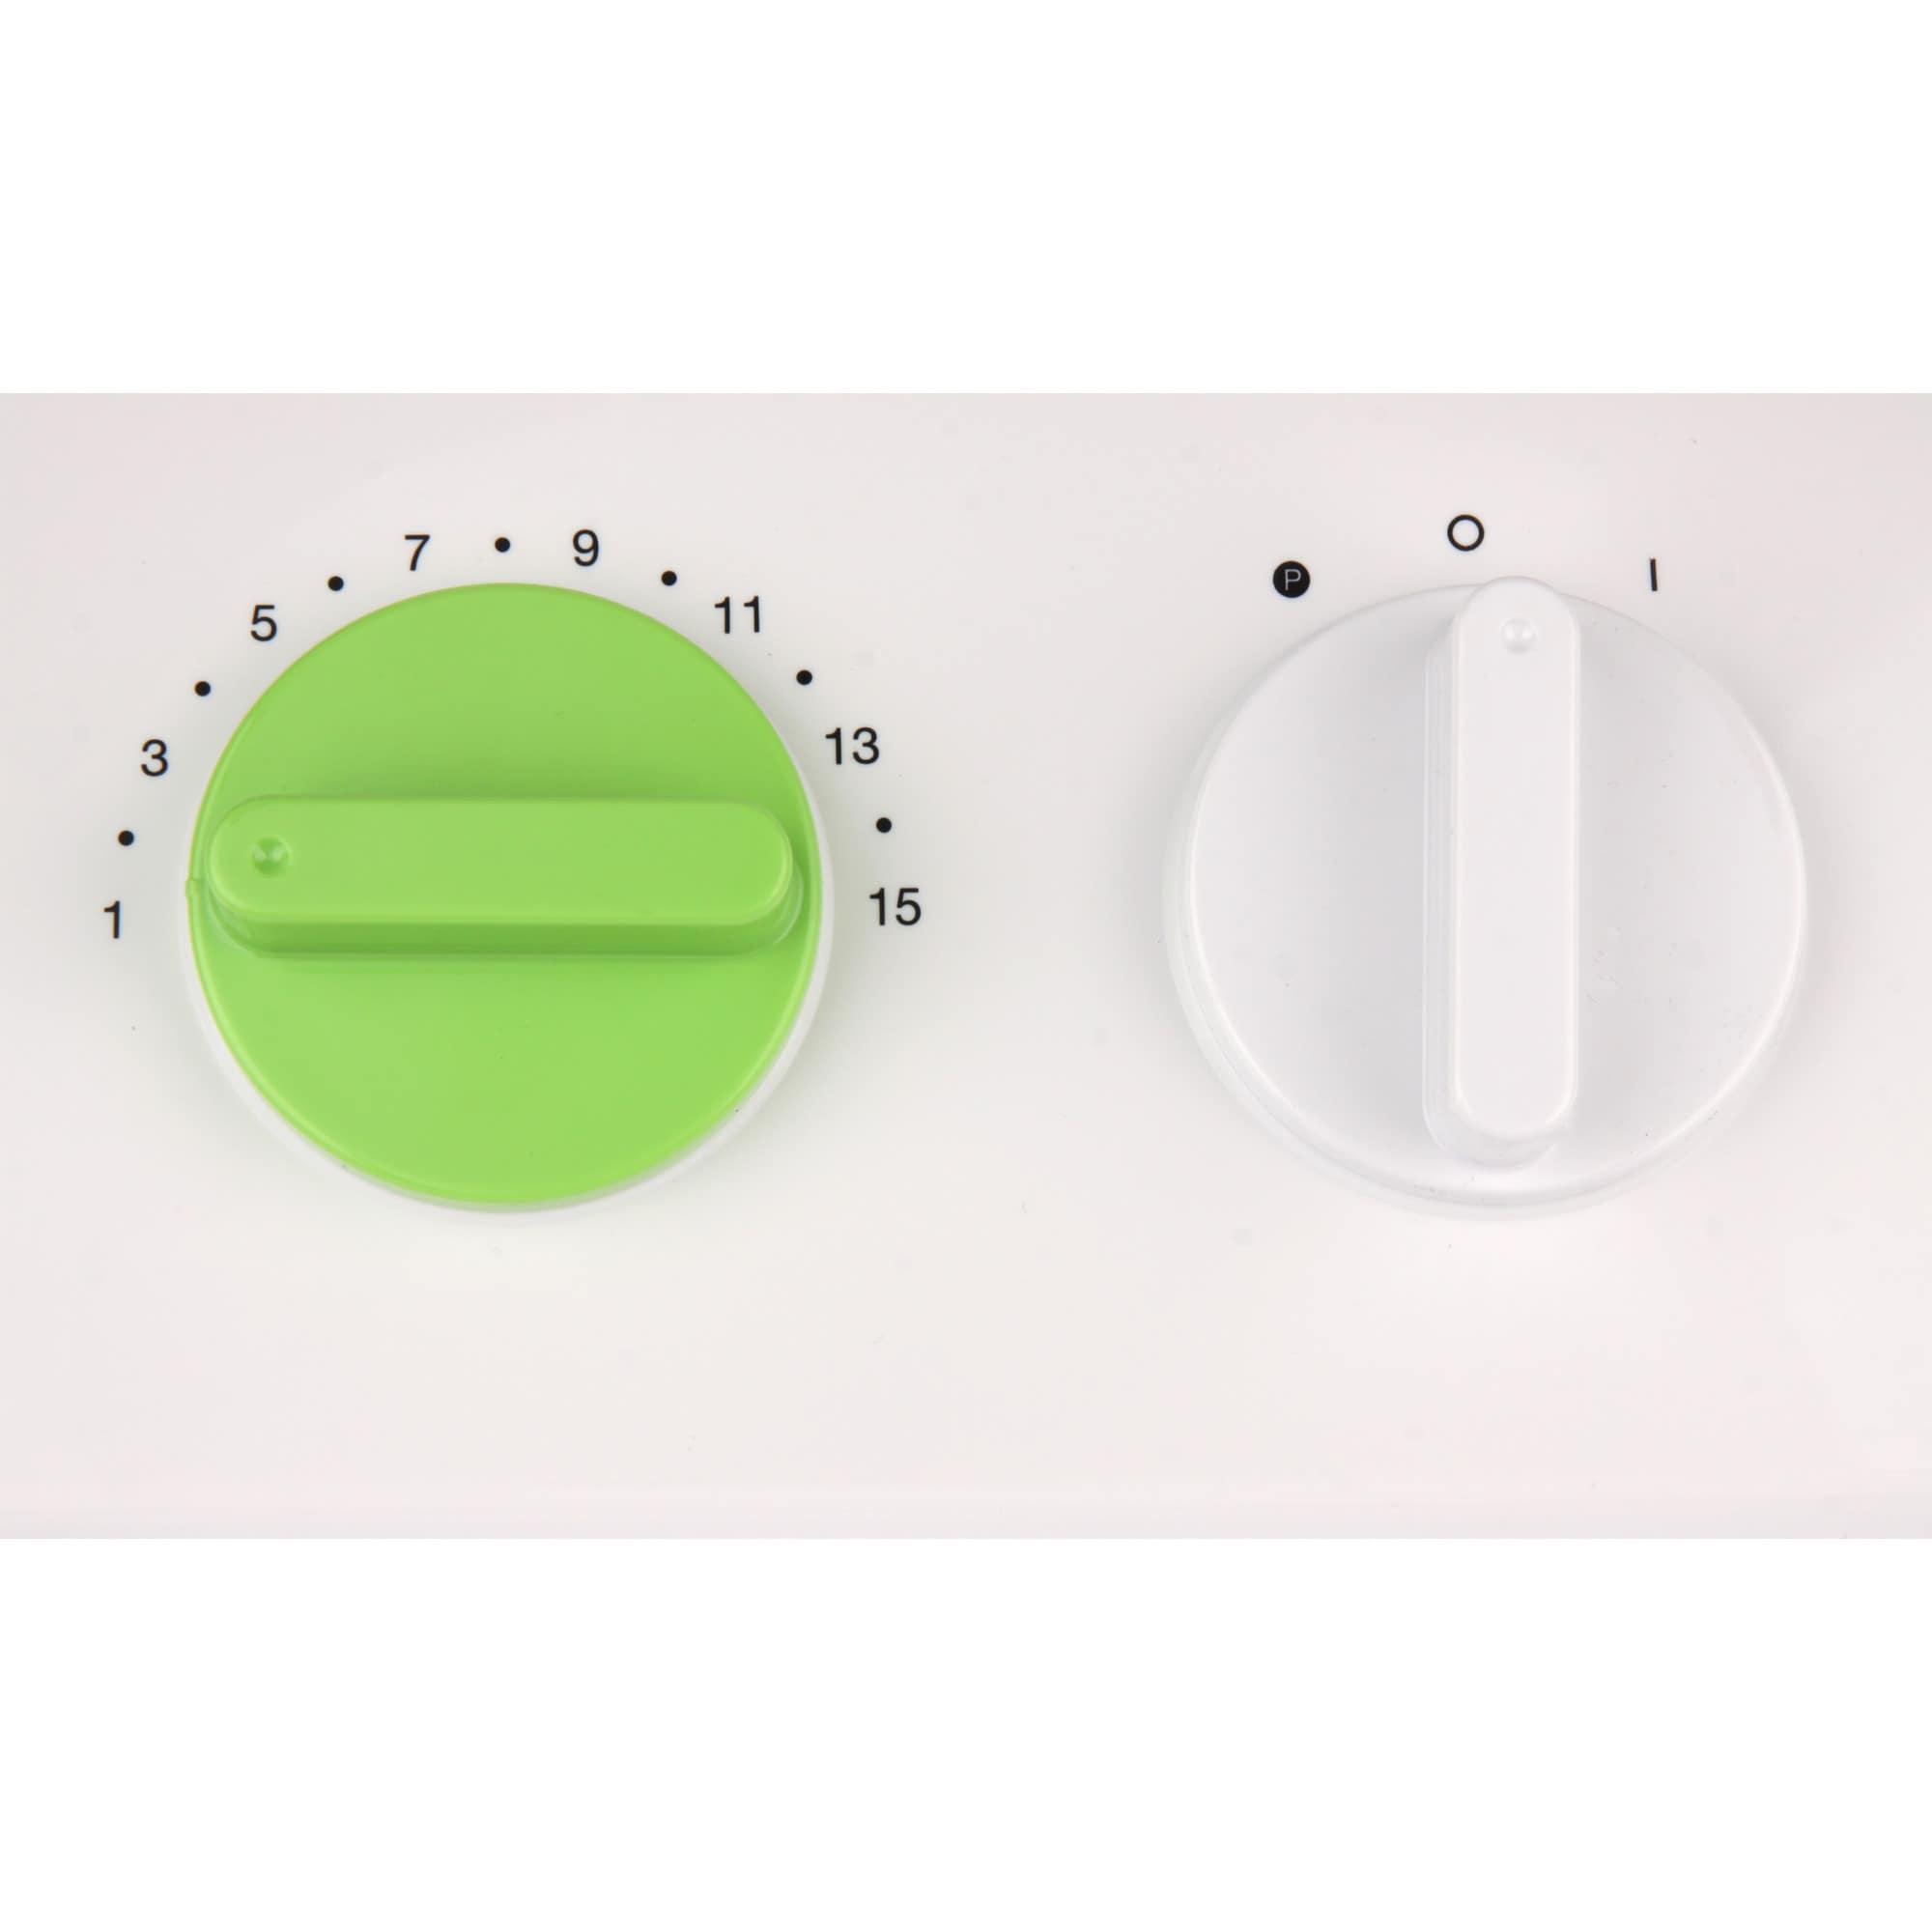 Braun Kompakt Küchenmaschine FX 3030 TributeCollection